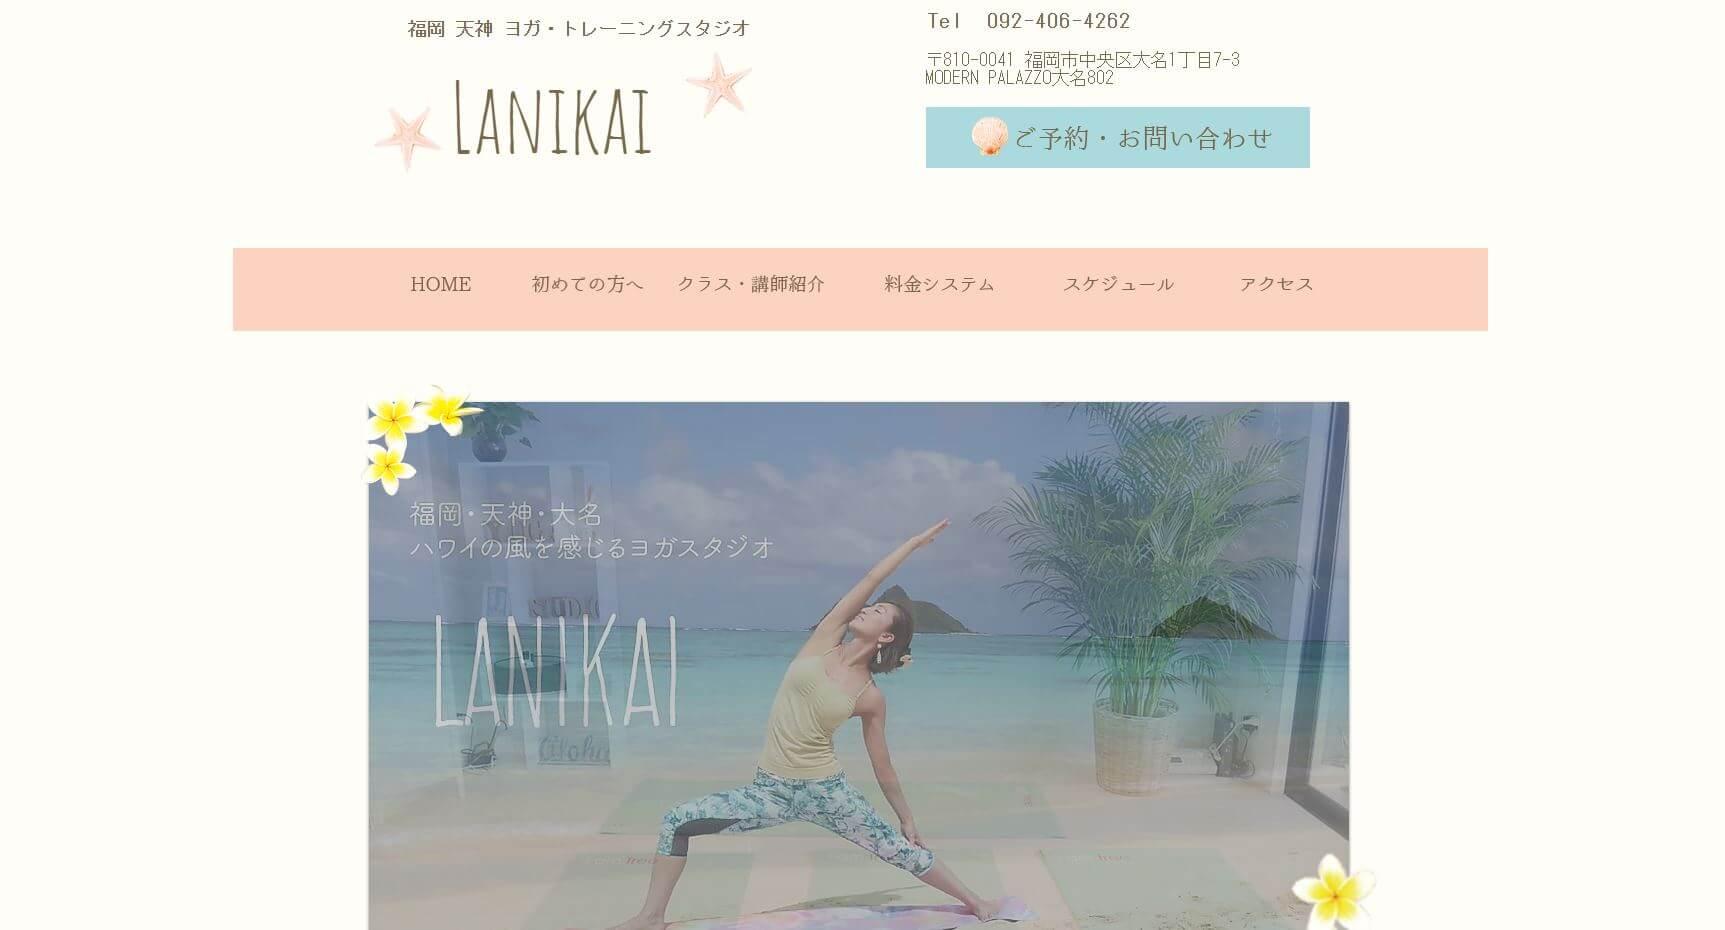 ヨガスタジオ Lanikai-ラニカイ-